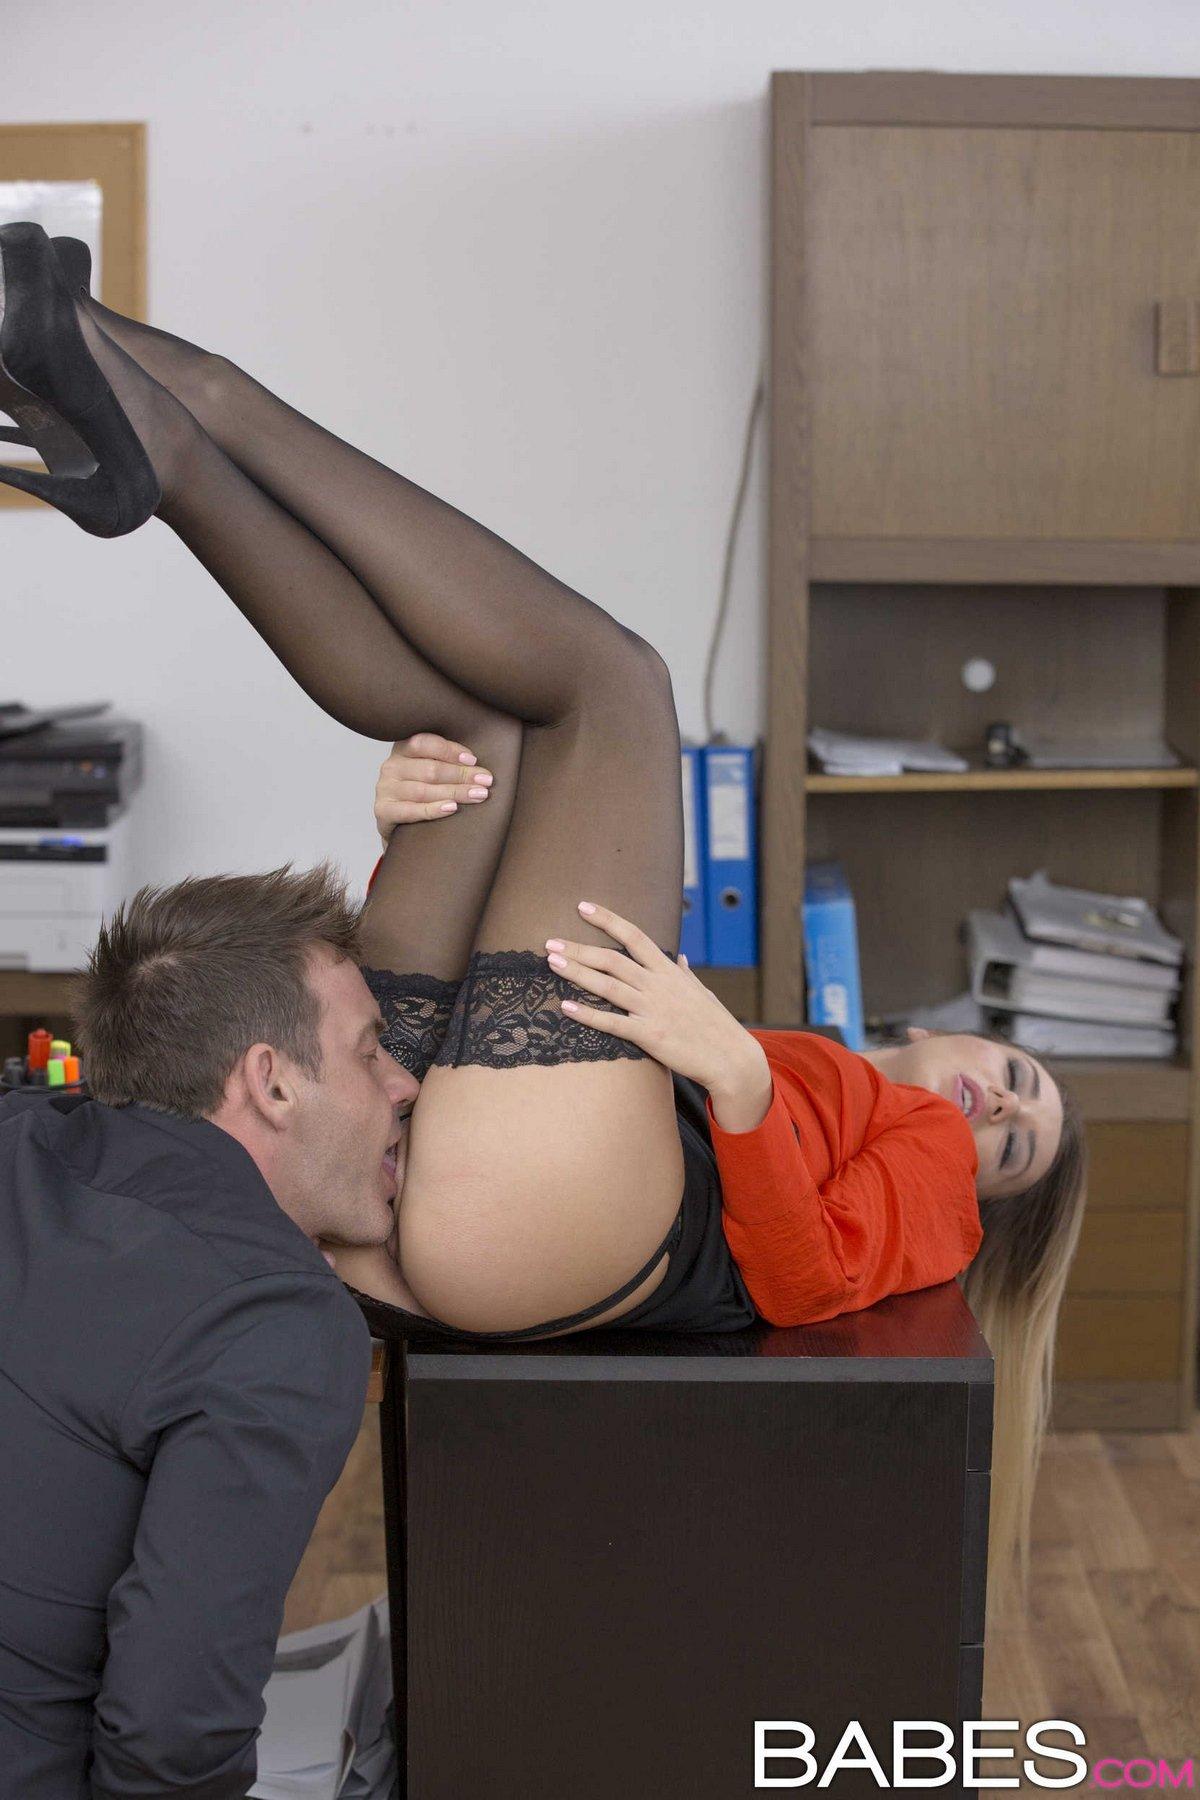 Блондинкана Офисном Столе Порно